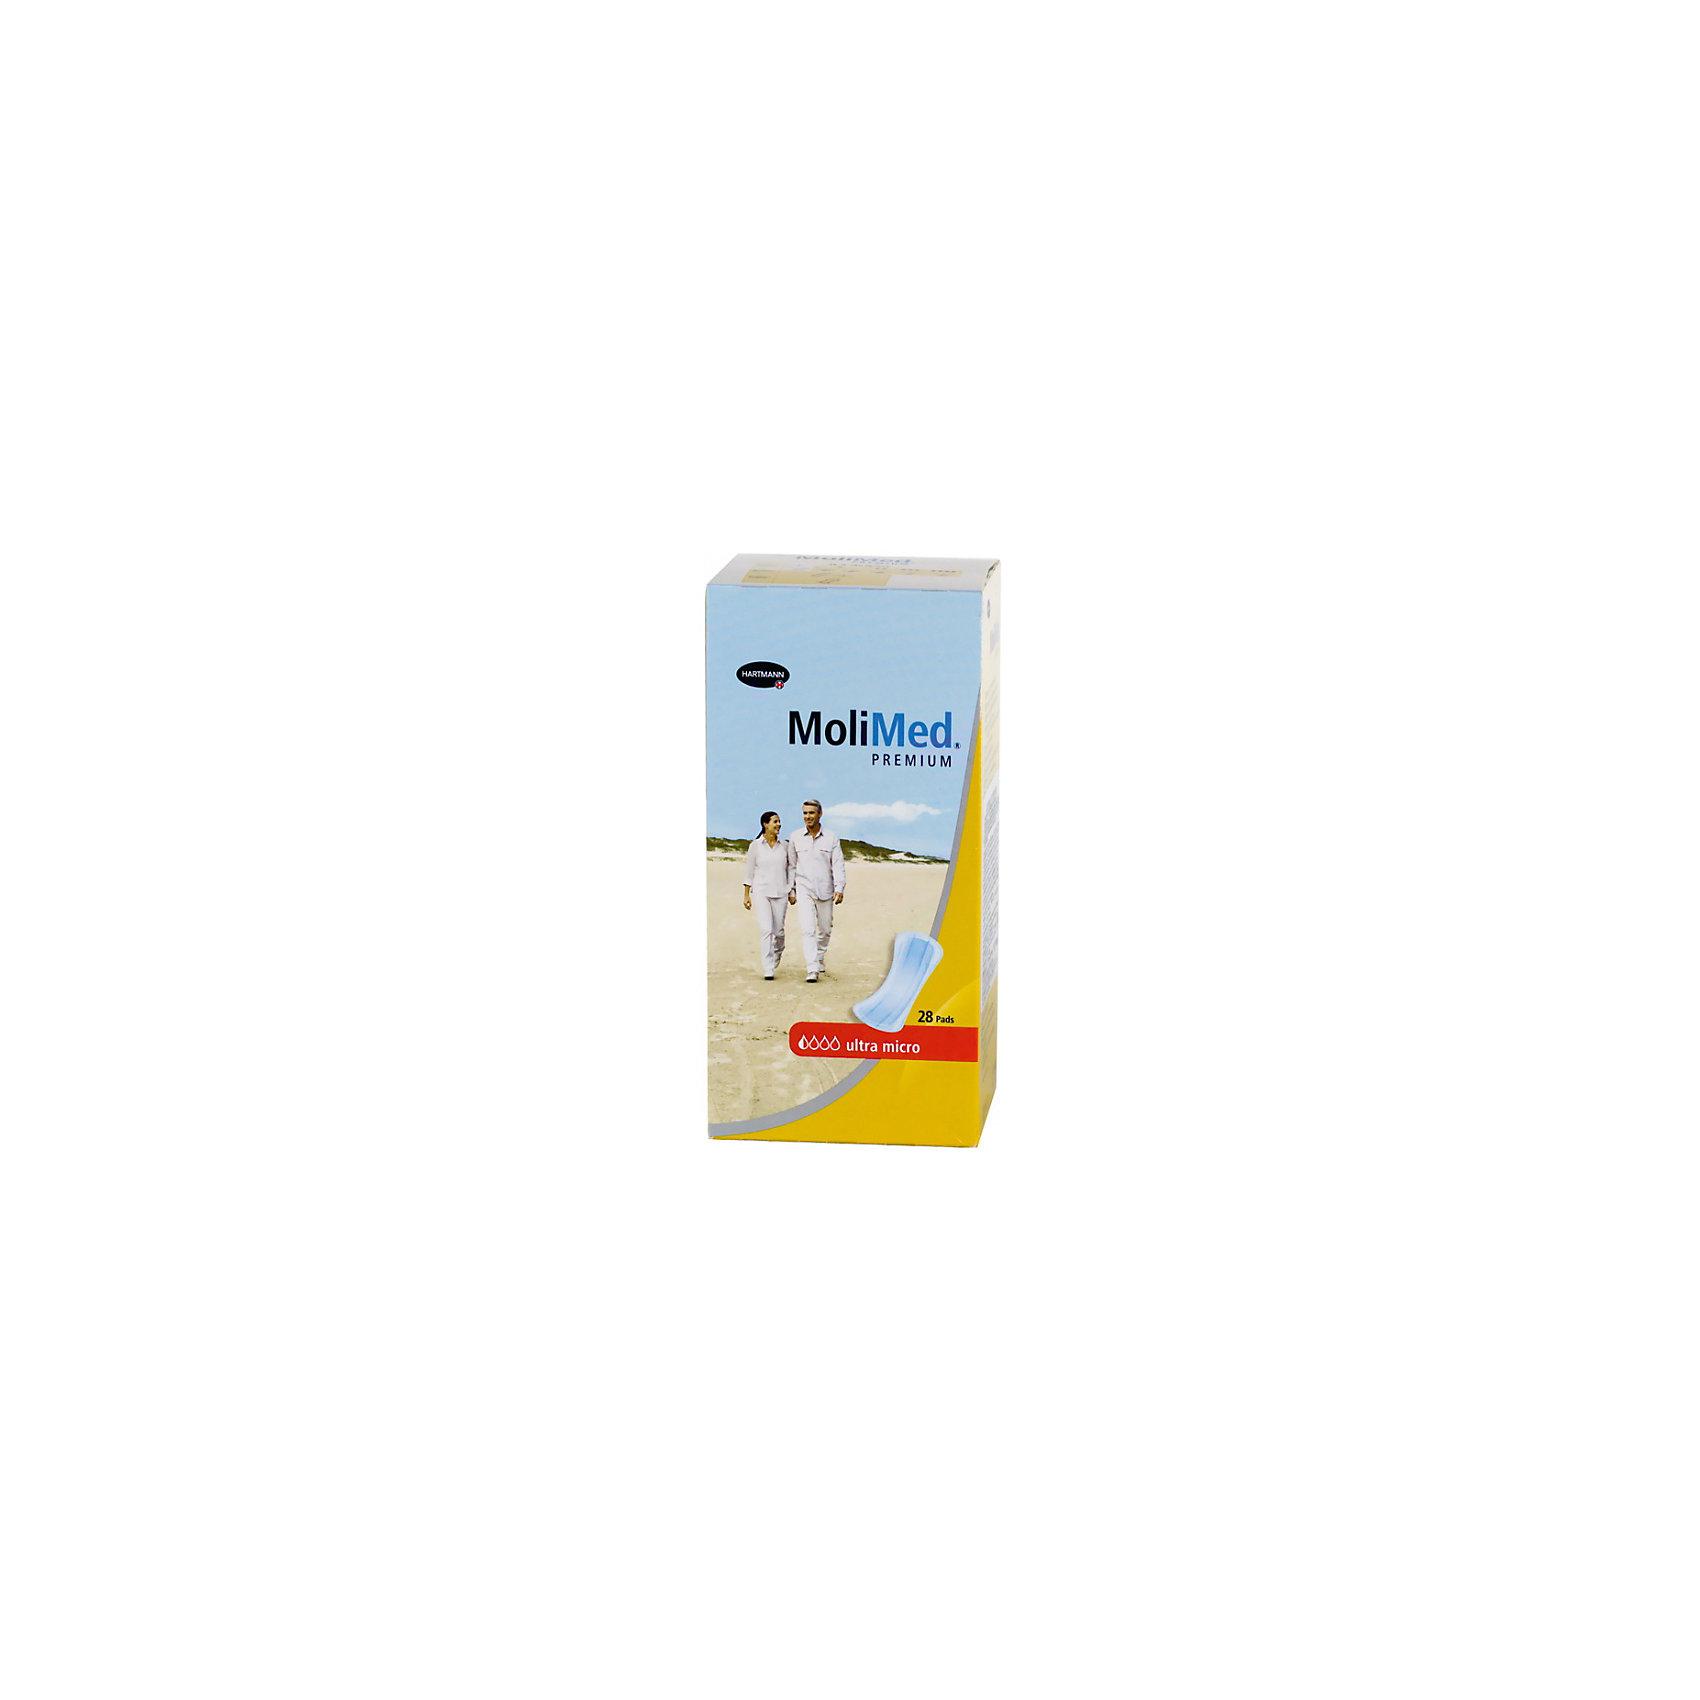 Прокладки MoliMed Premium ultra micro впитываемость 80 мл. (28шт.), HartmannБыстро впитывающие прокладки MoliMed (Молимед) Premium имеют ультрасорбционный слой Dry Plus,благодаря которому происходит действие переработки влаги в гель,что обеспечивает сухое состояние коже.Молекула CyDex предотвращает неприятные запахи,в свою очередь эластичные манжеты препятствуют развитию раздражительных процессов,а также противодействуют вытеканию жидкости из прокладок,при этом обеспечивая дыхание коже.Данные прокладки предназначены для применения во время небольших процессов выделения в послеродовой период.<br><br>Ширина мм: 120<br>Глубина мм: 220<br>Высота мм: 150<br>Вес г: 175<br>Возраст от месяцев: 216<br>Возраст до месяцев: 1188<br>Пол: Унисекс<br>Возраст: Детский<br>SKU: 4796665